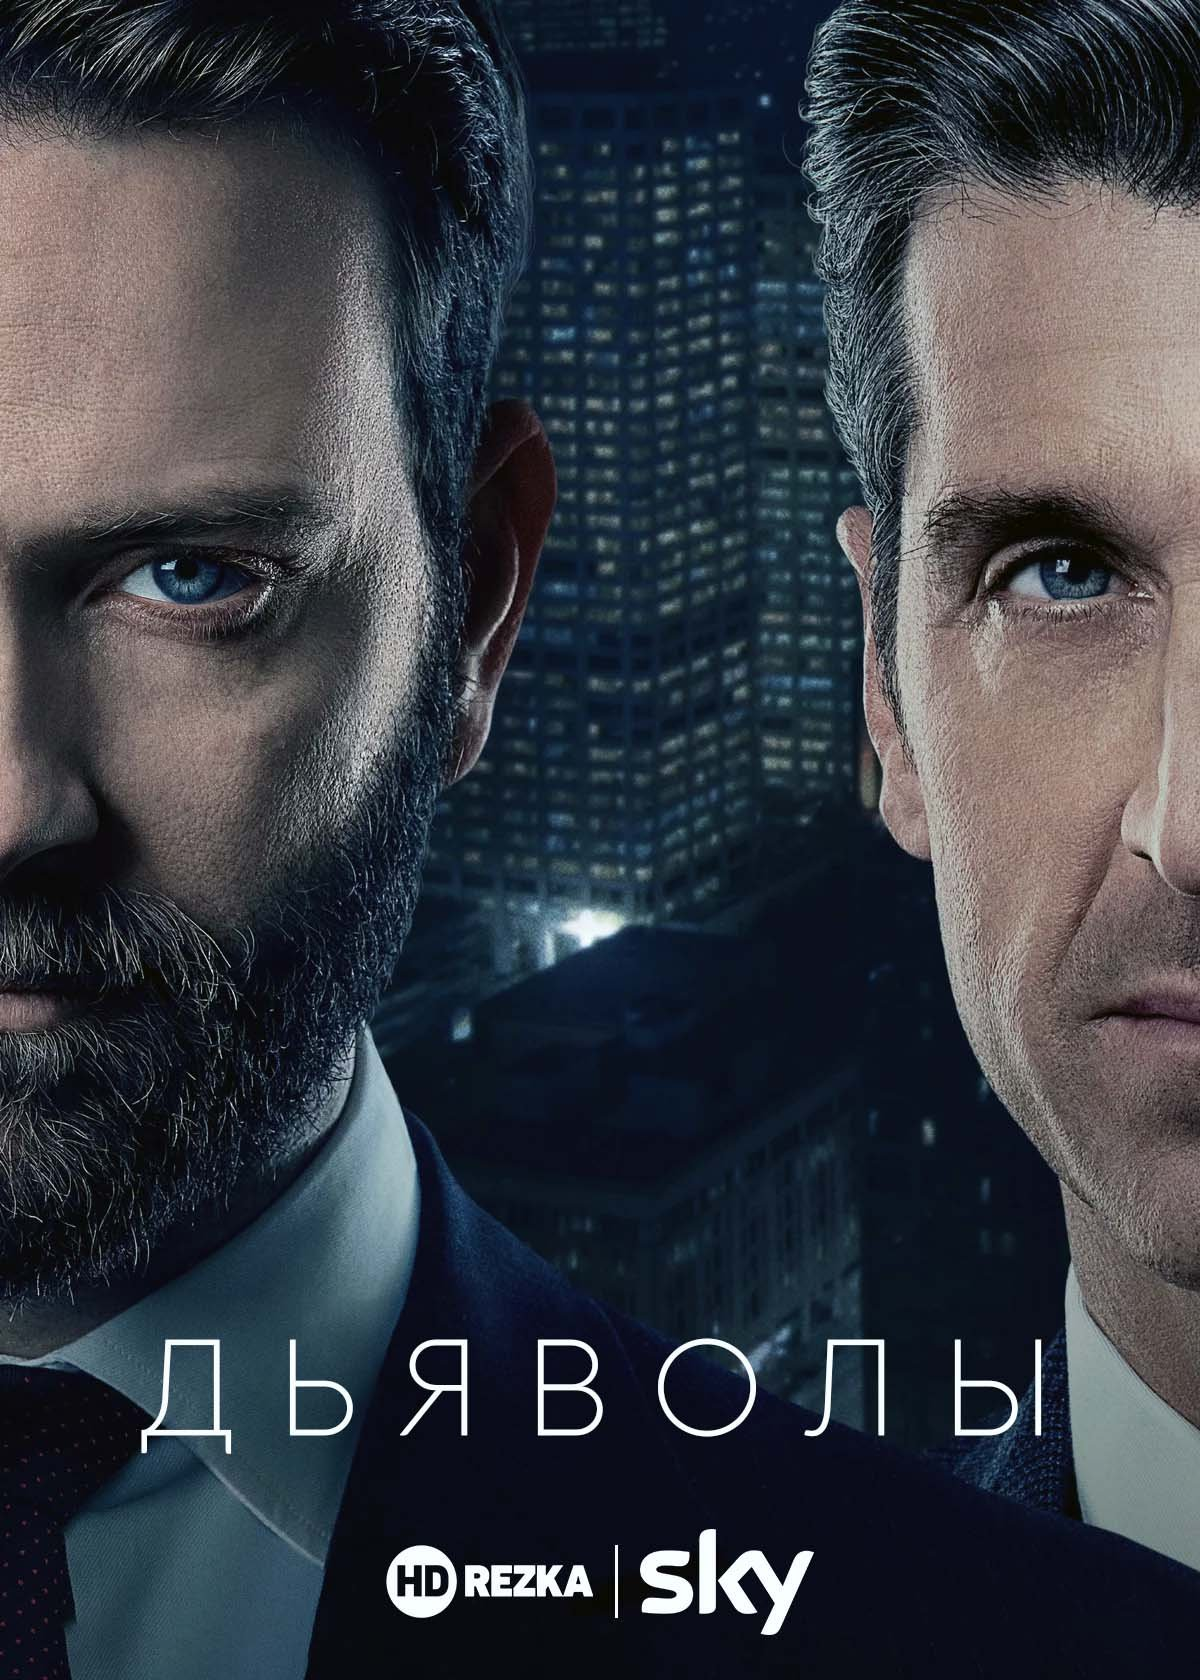 Дьяволы 1 сезон LostFilm смотреть онлайн бесплатно в ...